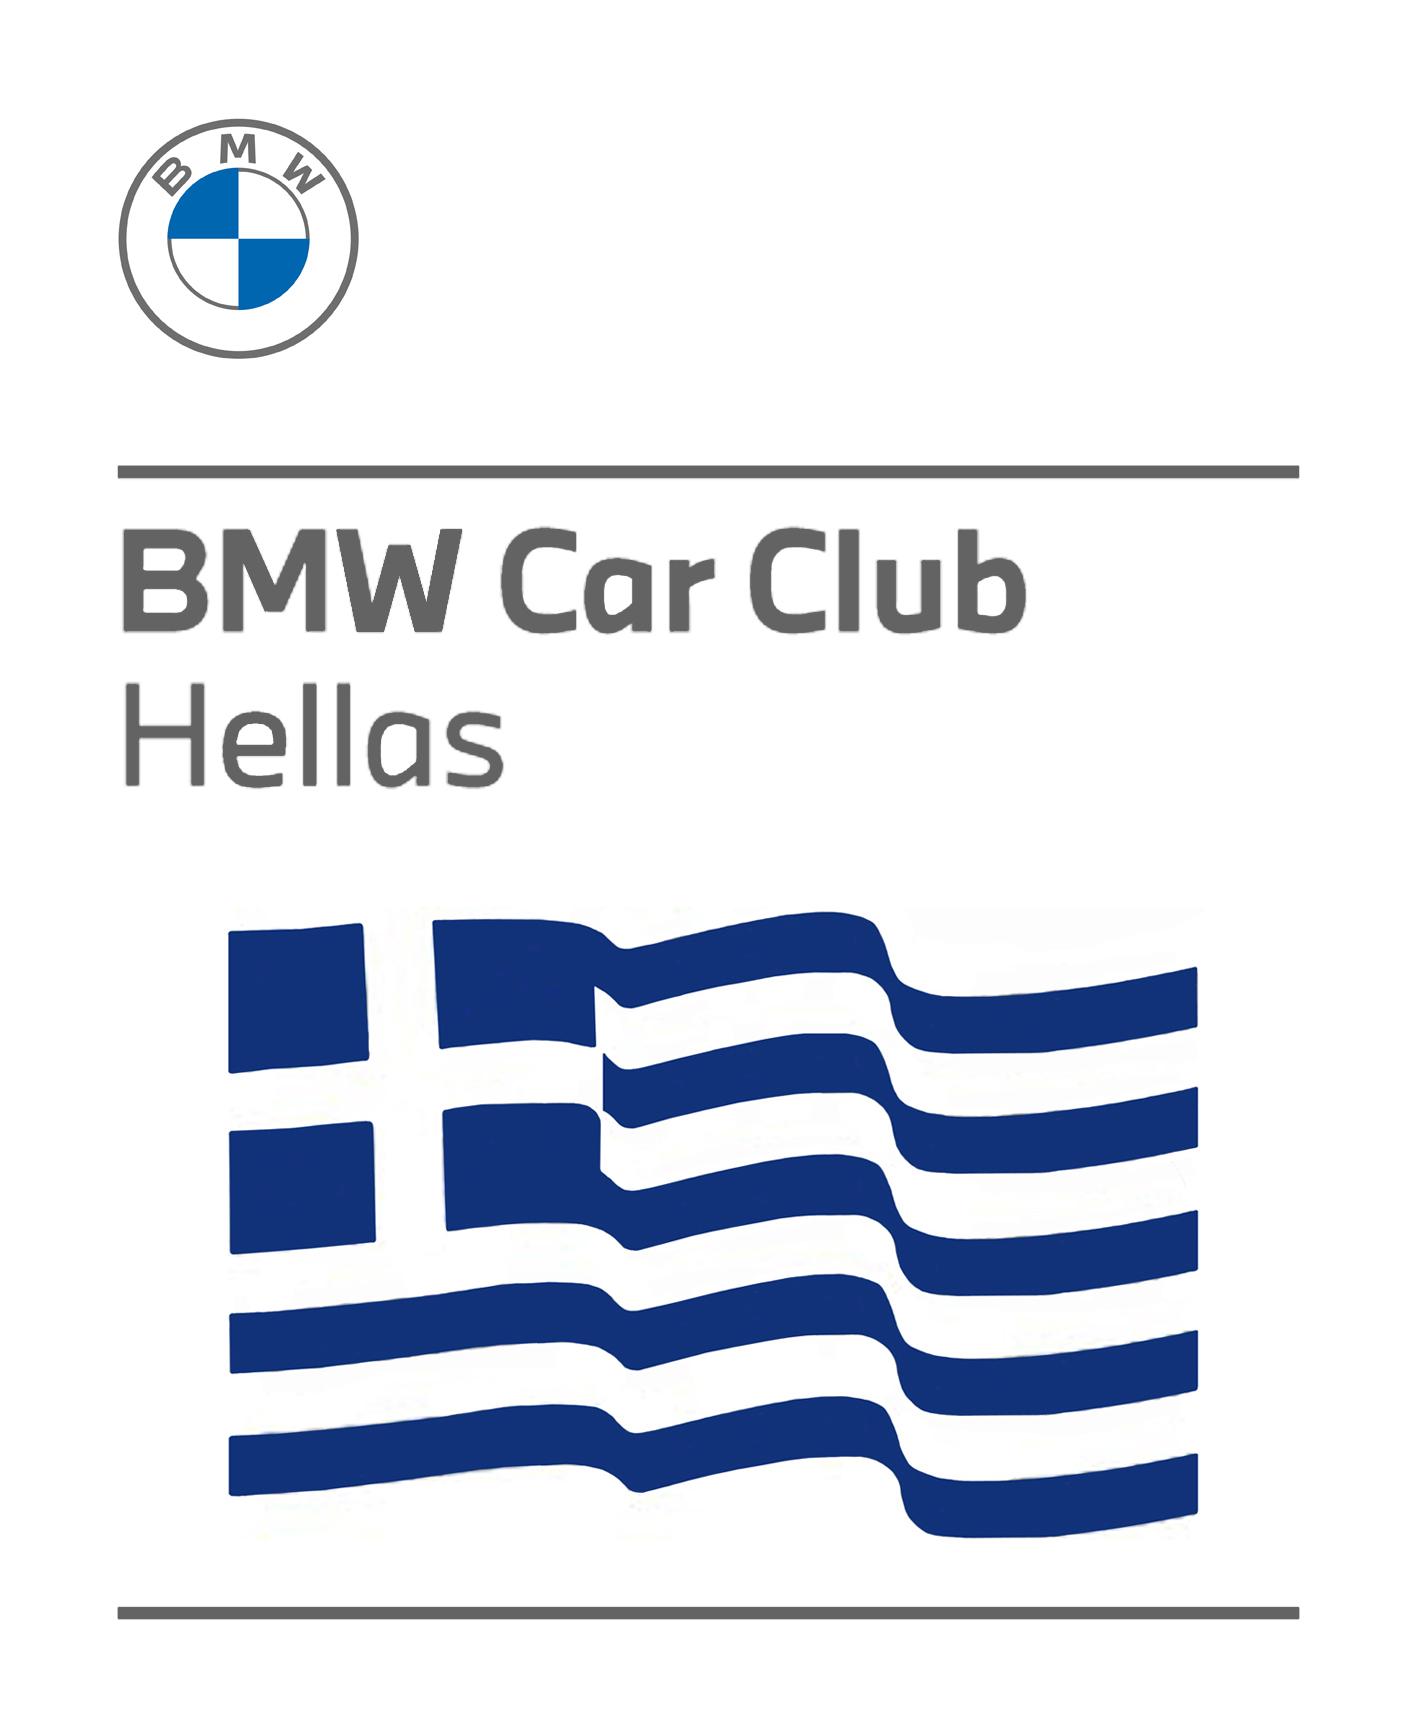 BMW Car Club Logo